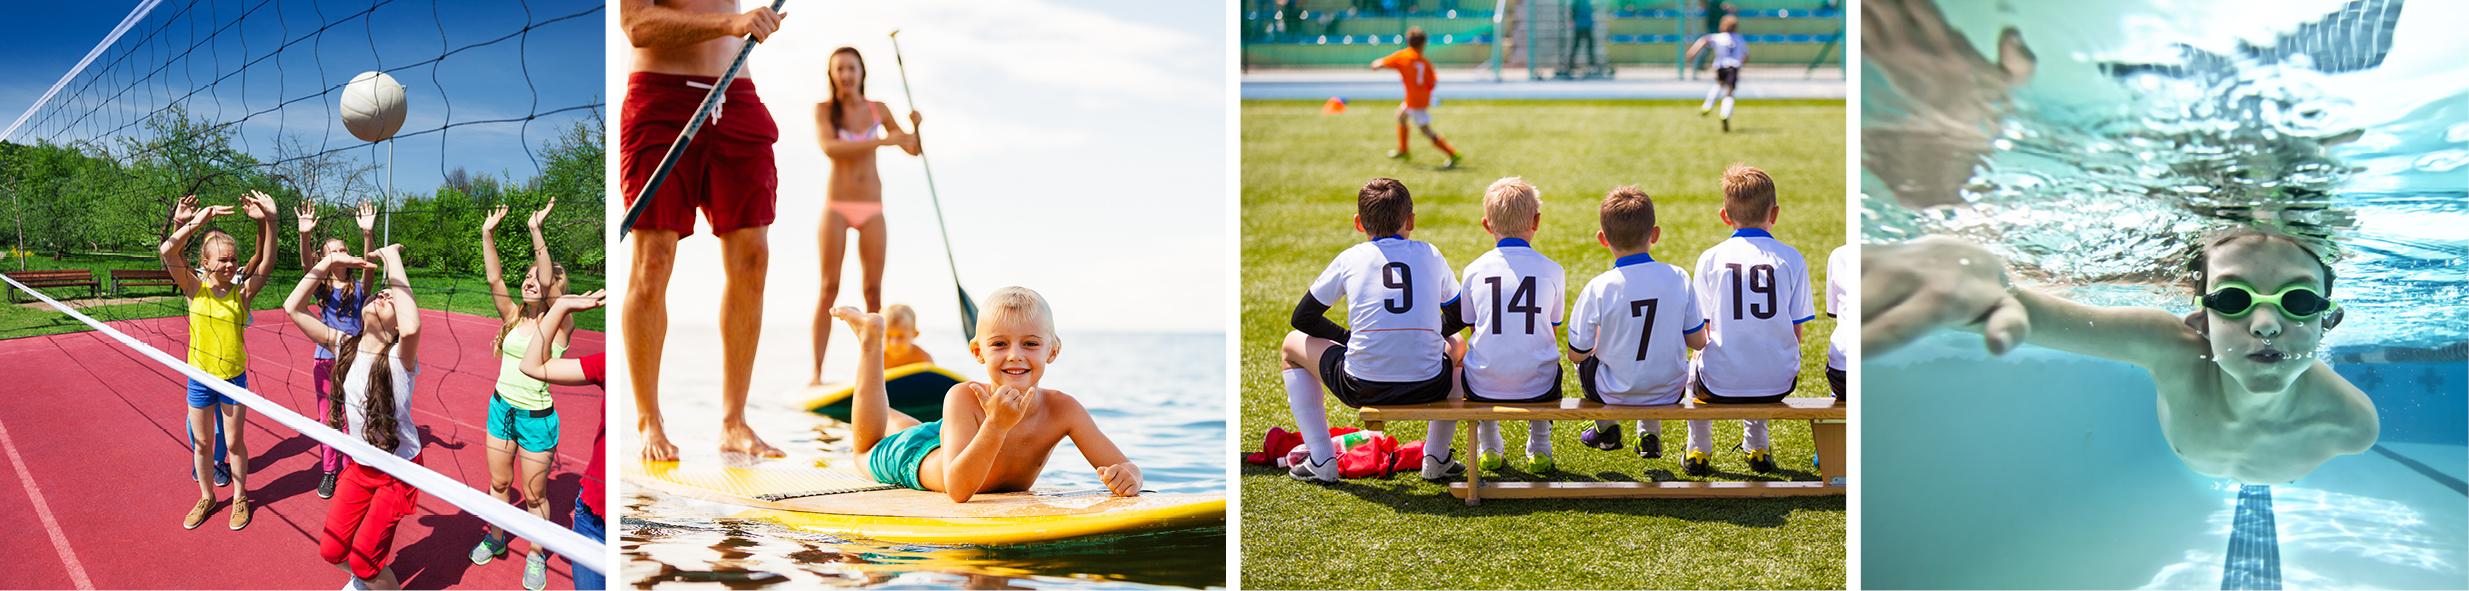 Bandeau - Sports enfants 2.jpg